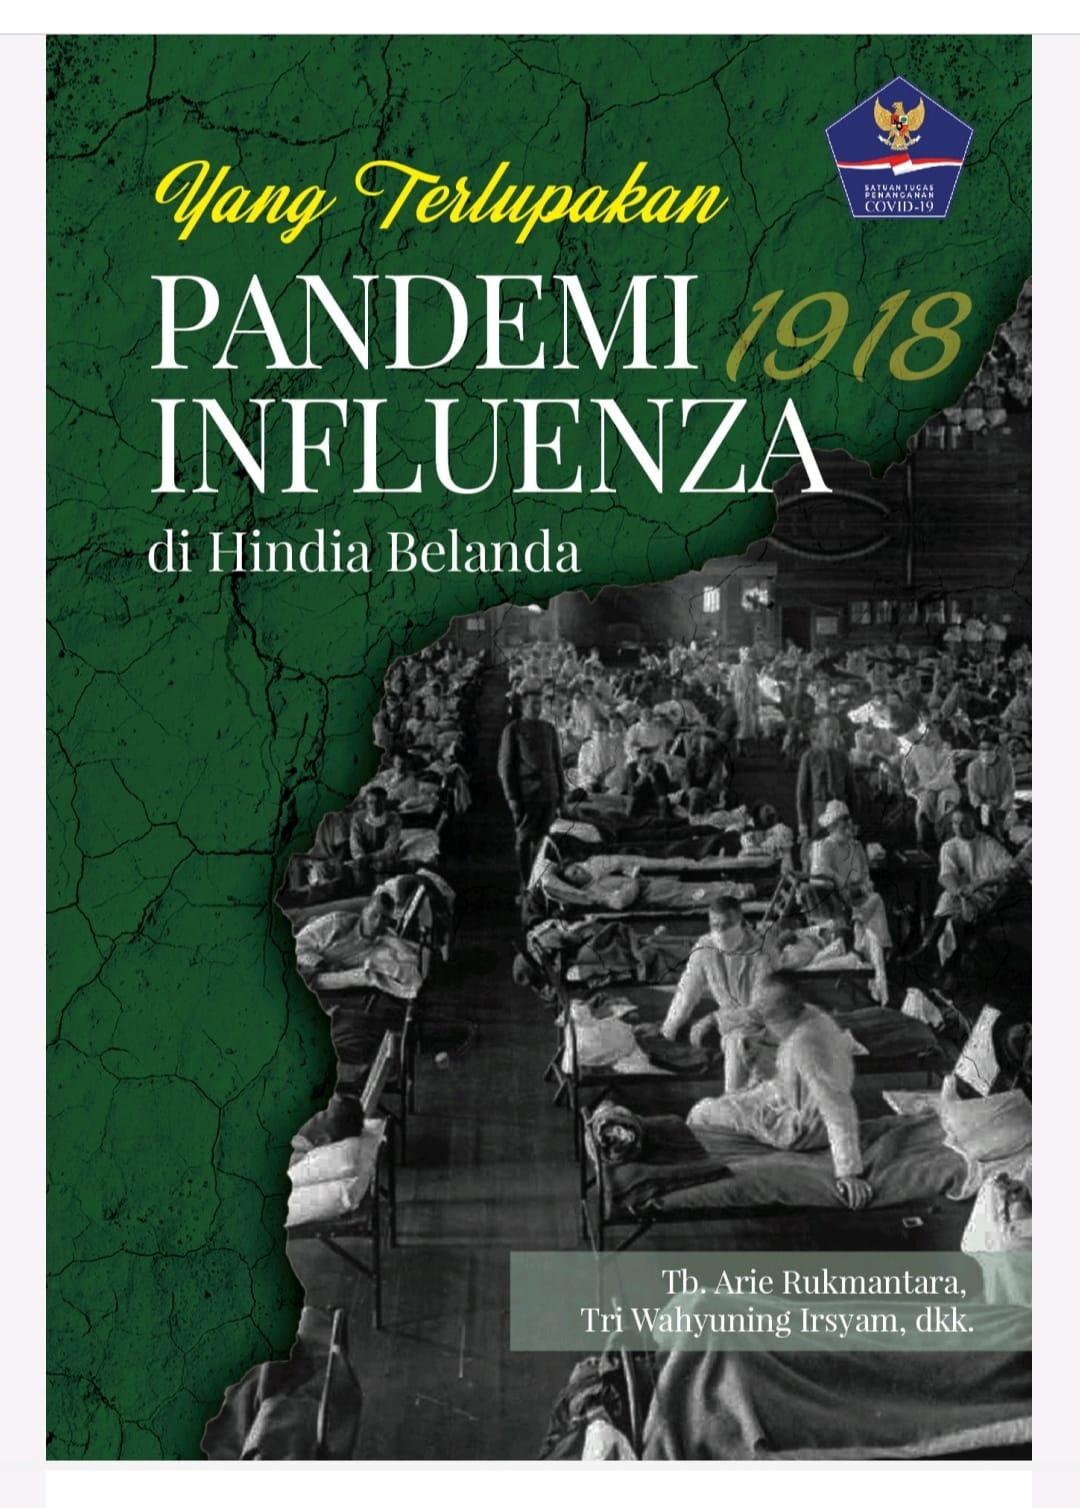 SEJARAH: BELAJAR DARI PANDEMI FLU SPANYOL TAHUN 1918 DULU 1